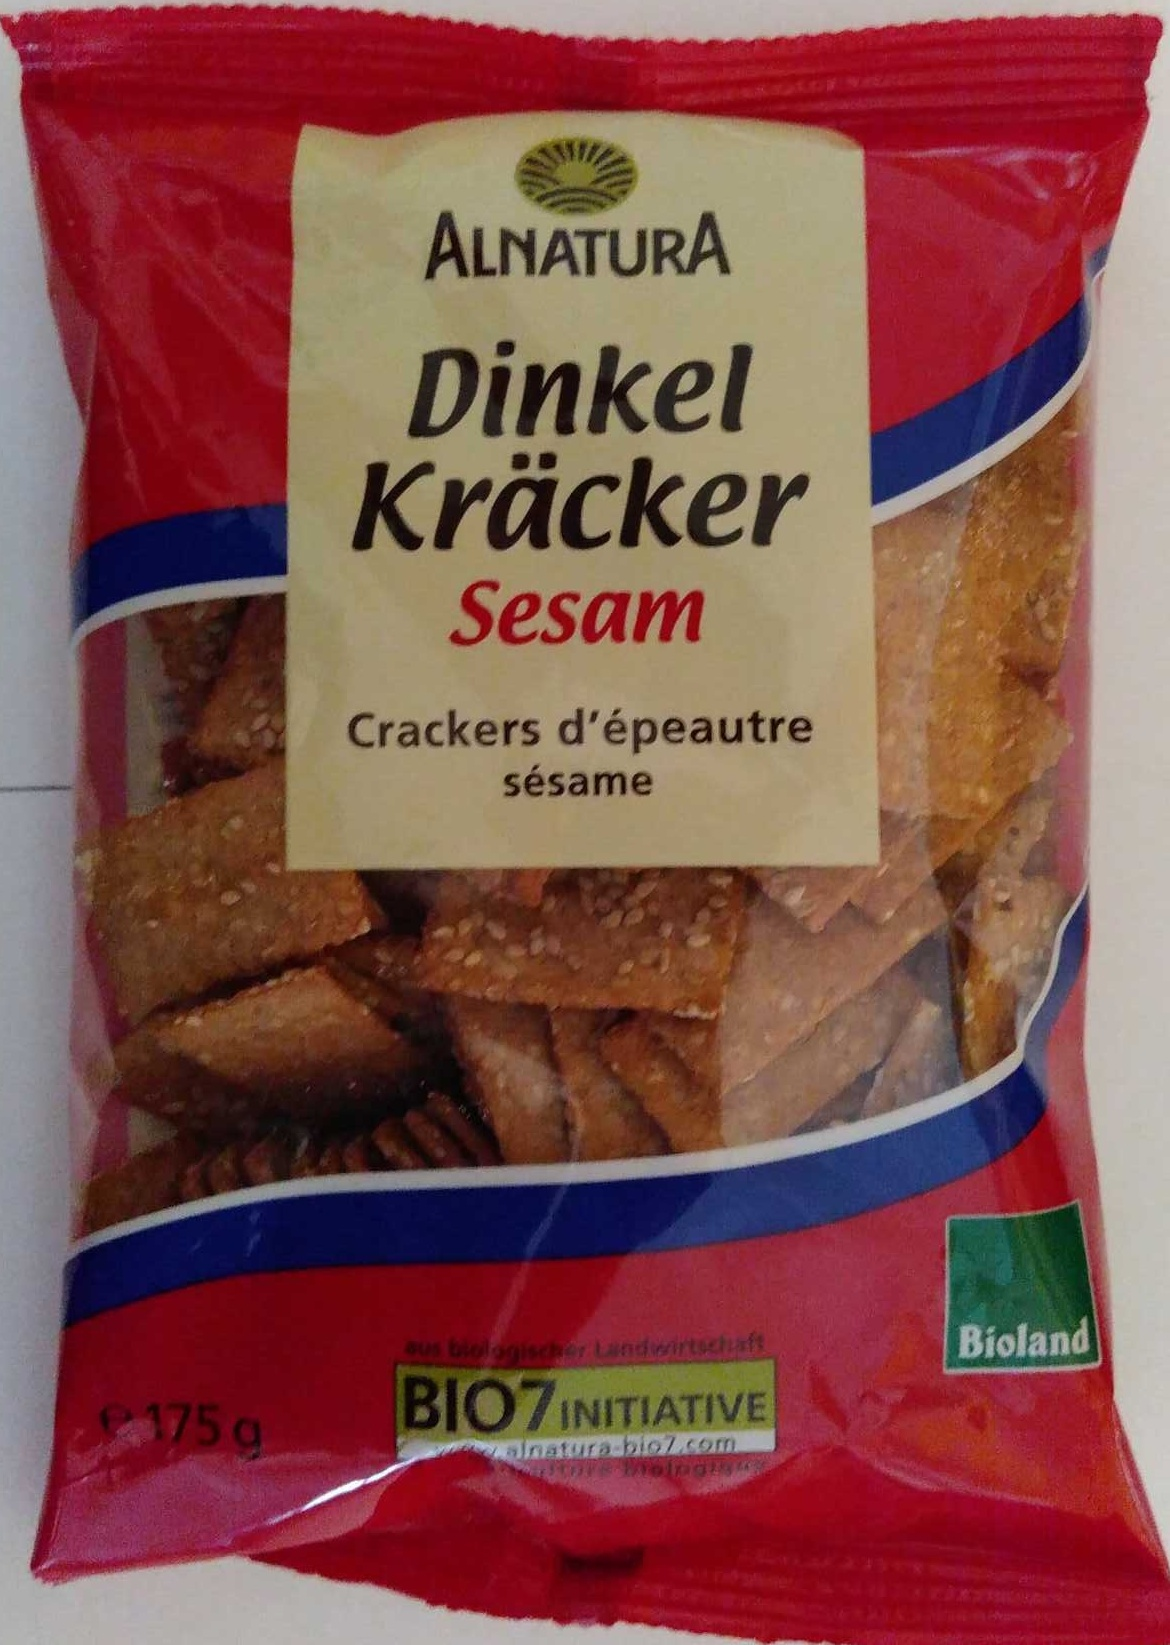 Dinkel Kräcker Sesam - Product